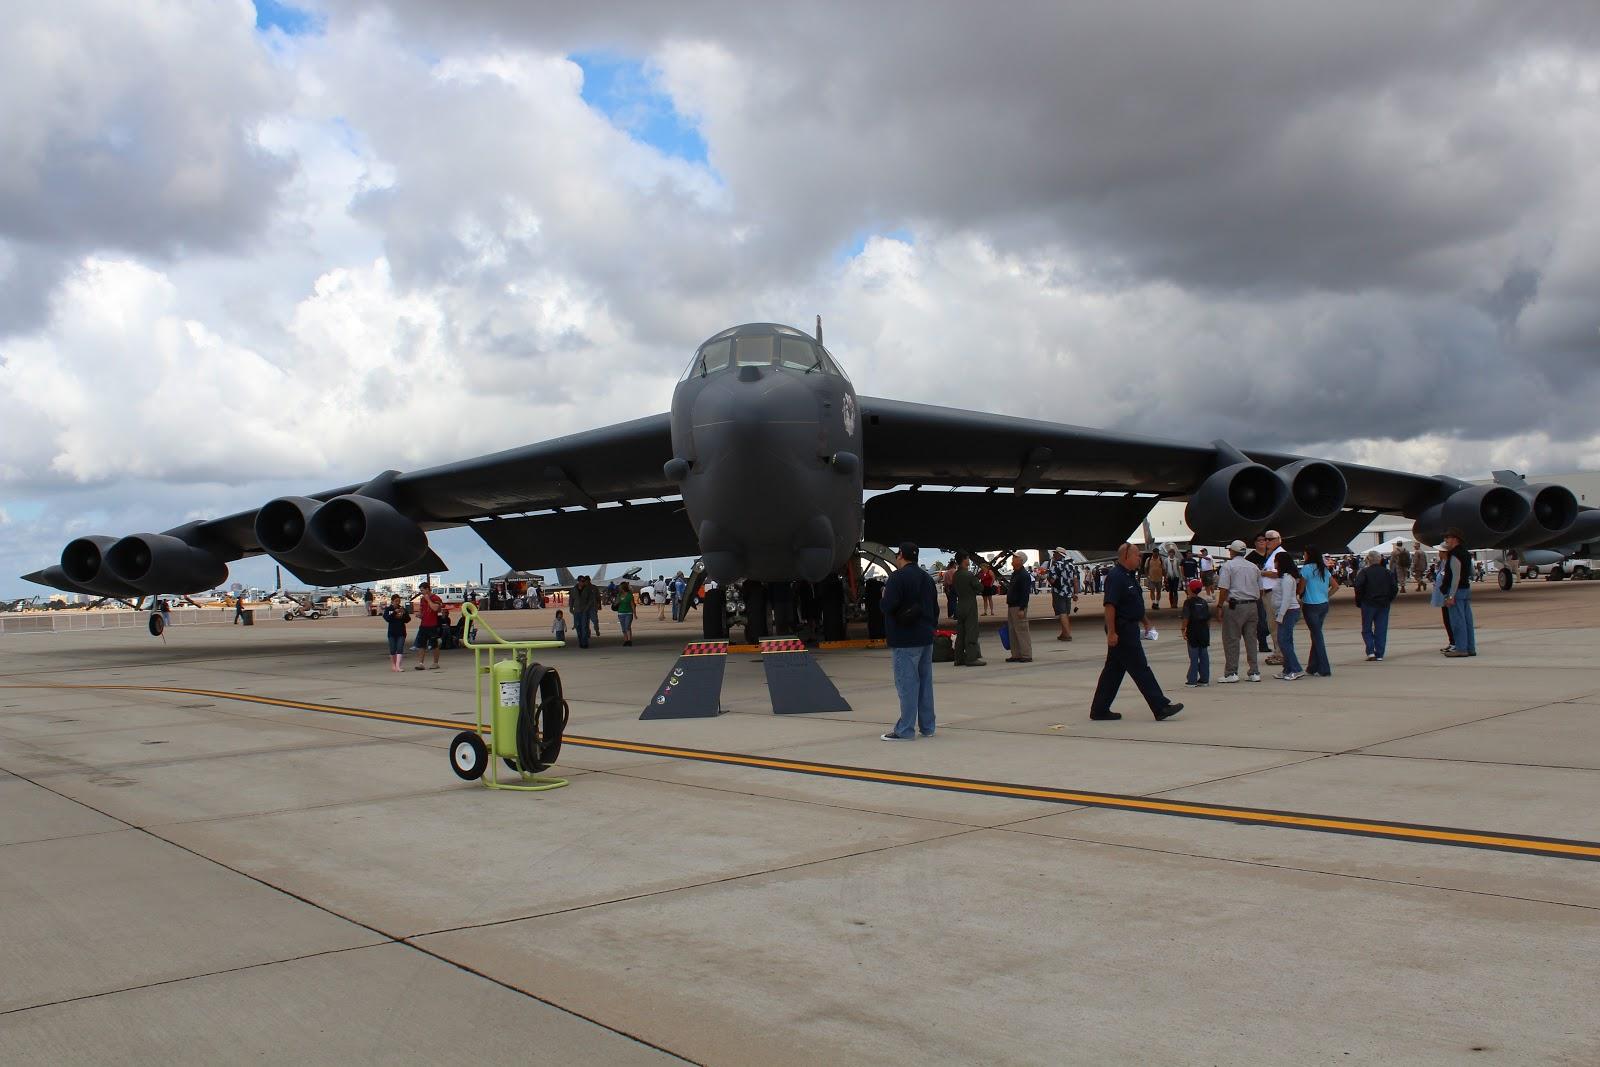 B-52 MCAS Miramar Air Show 2012